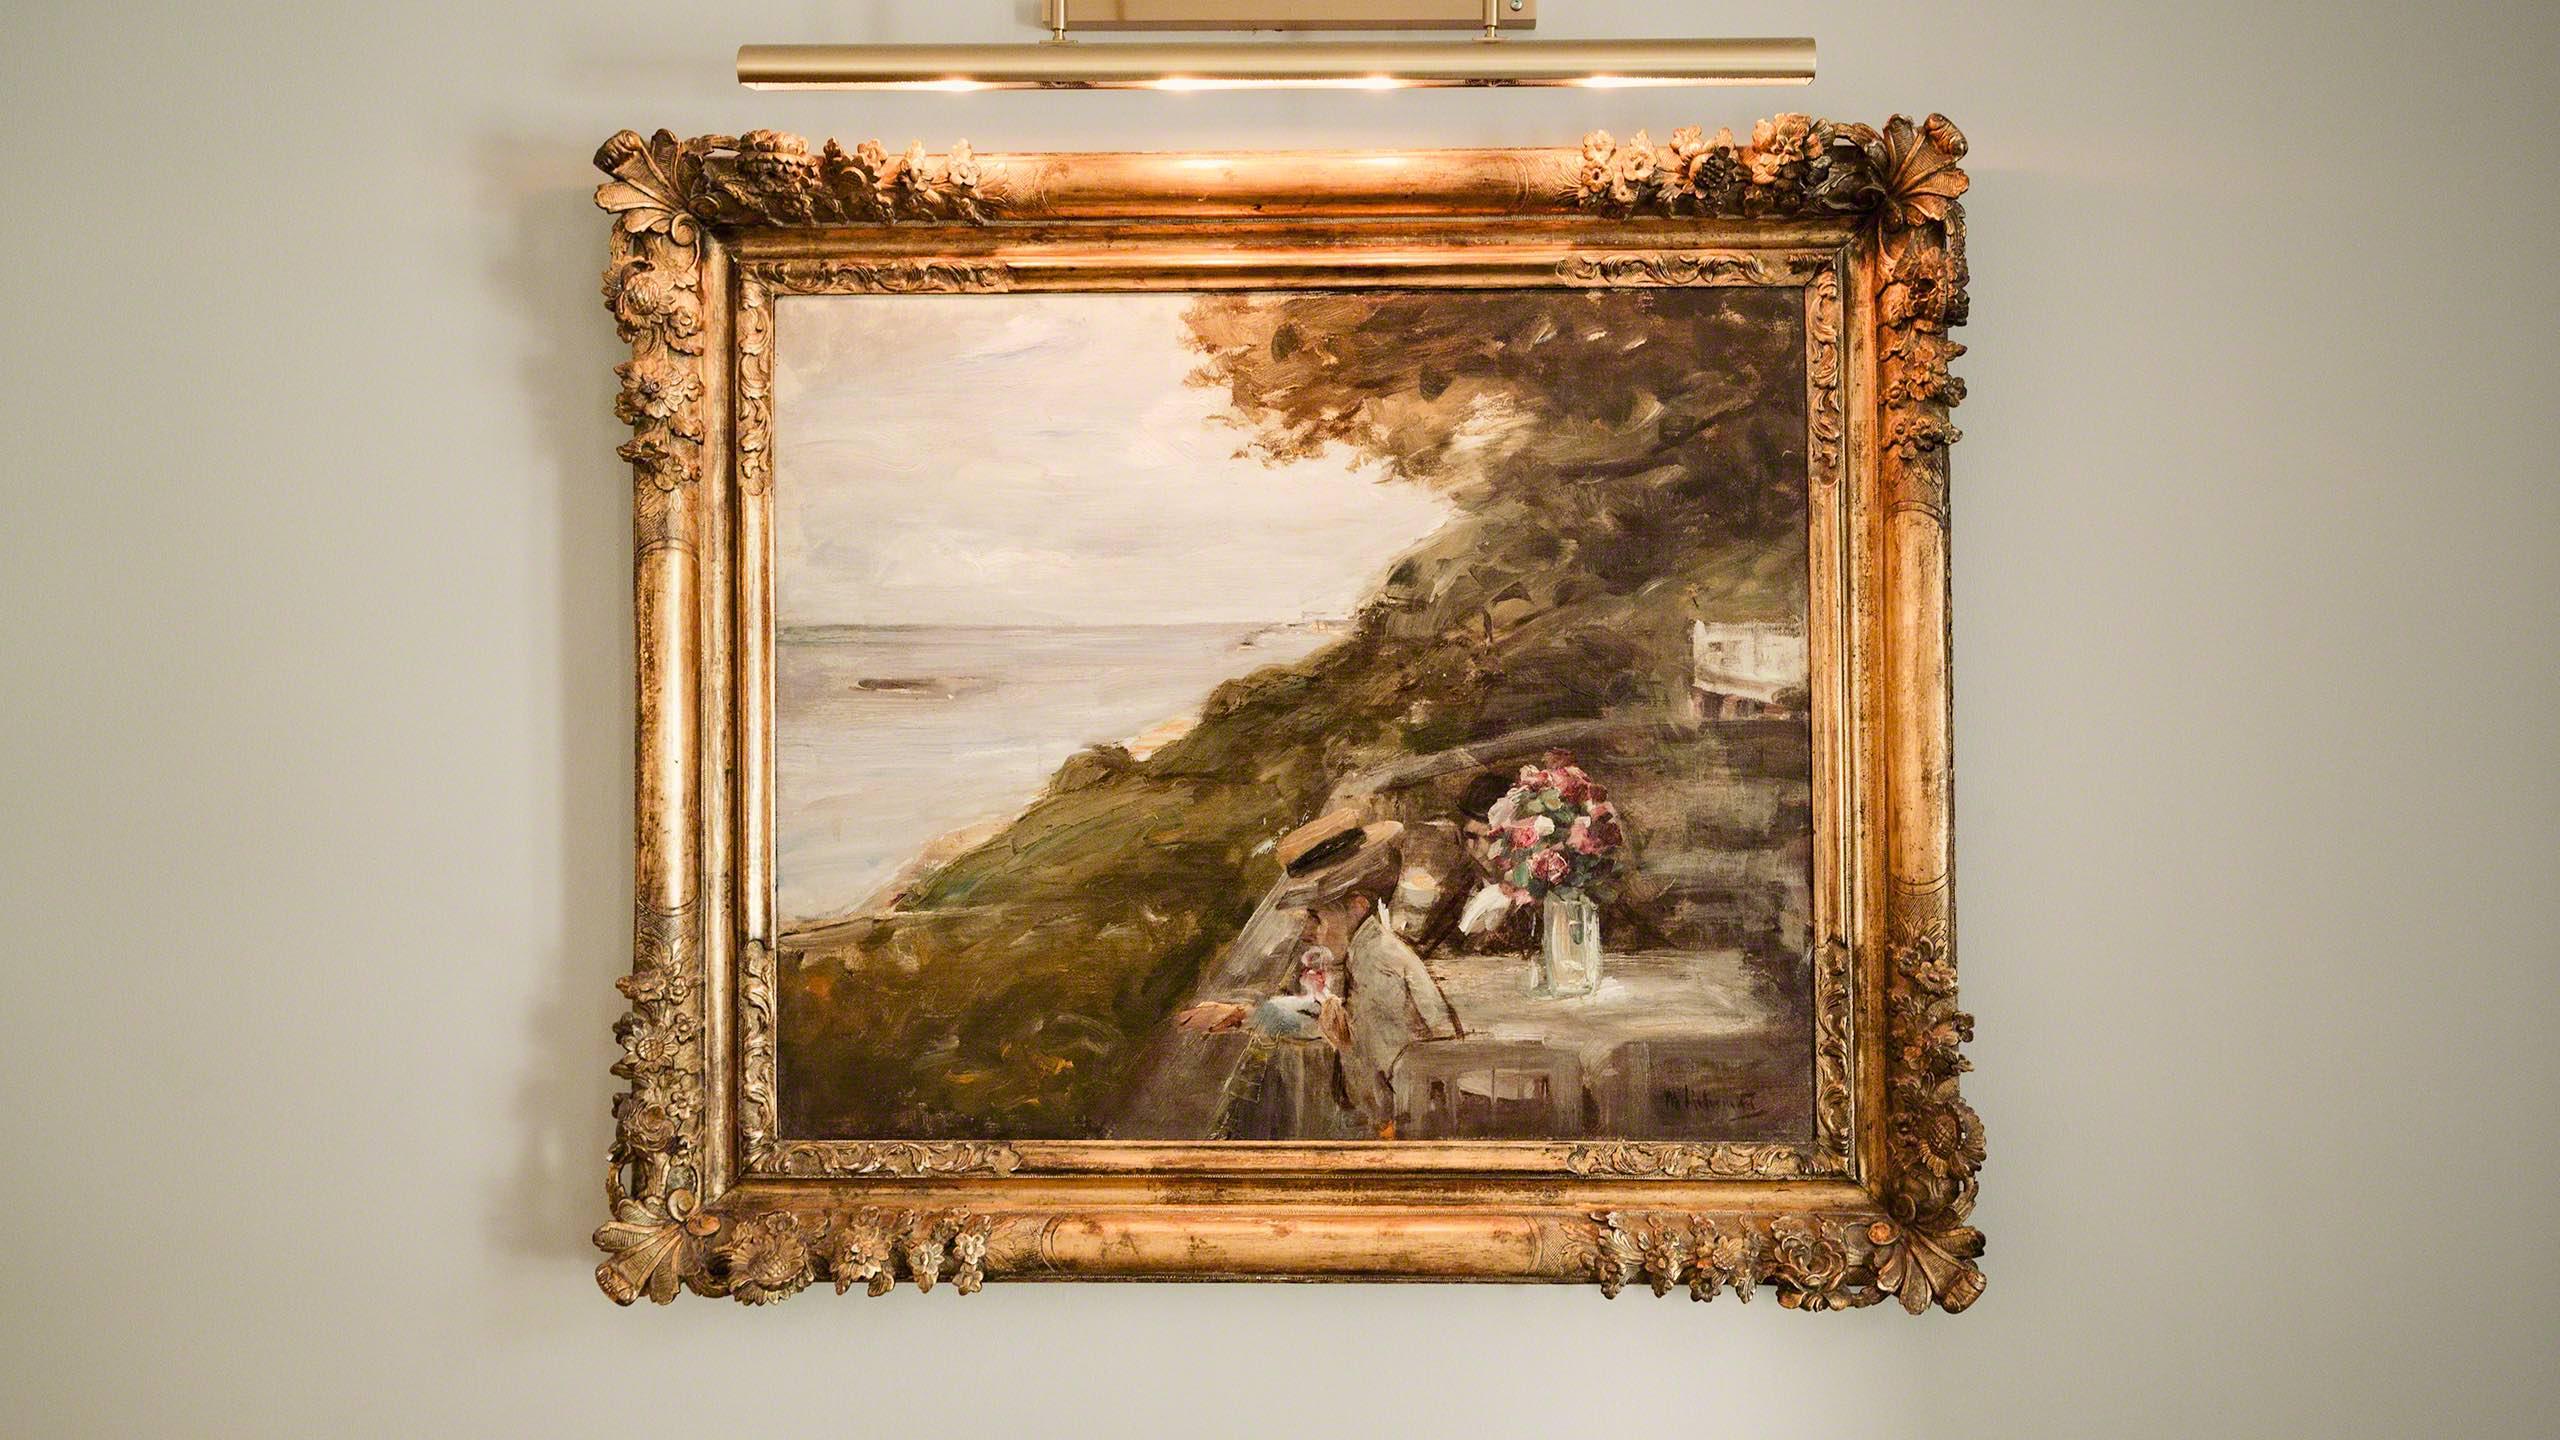 Max Liebermann Ölgemälde an der Wand die Lindenterrasse vom Hotels Louis C. Jacob